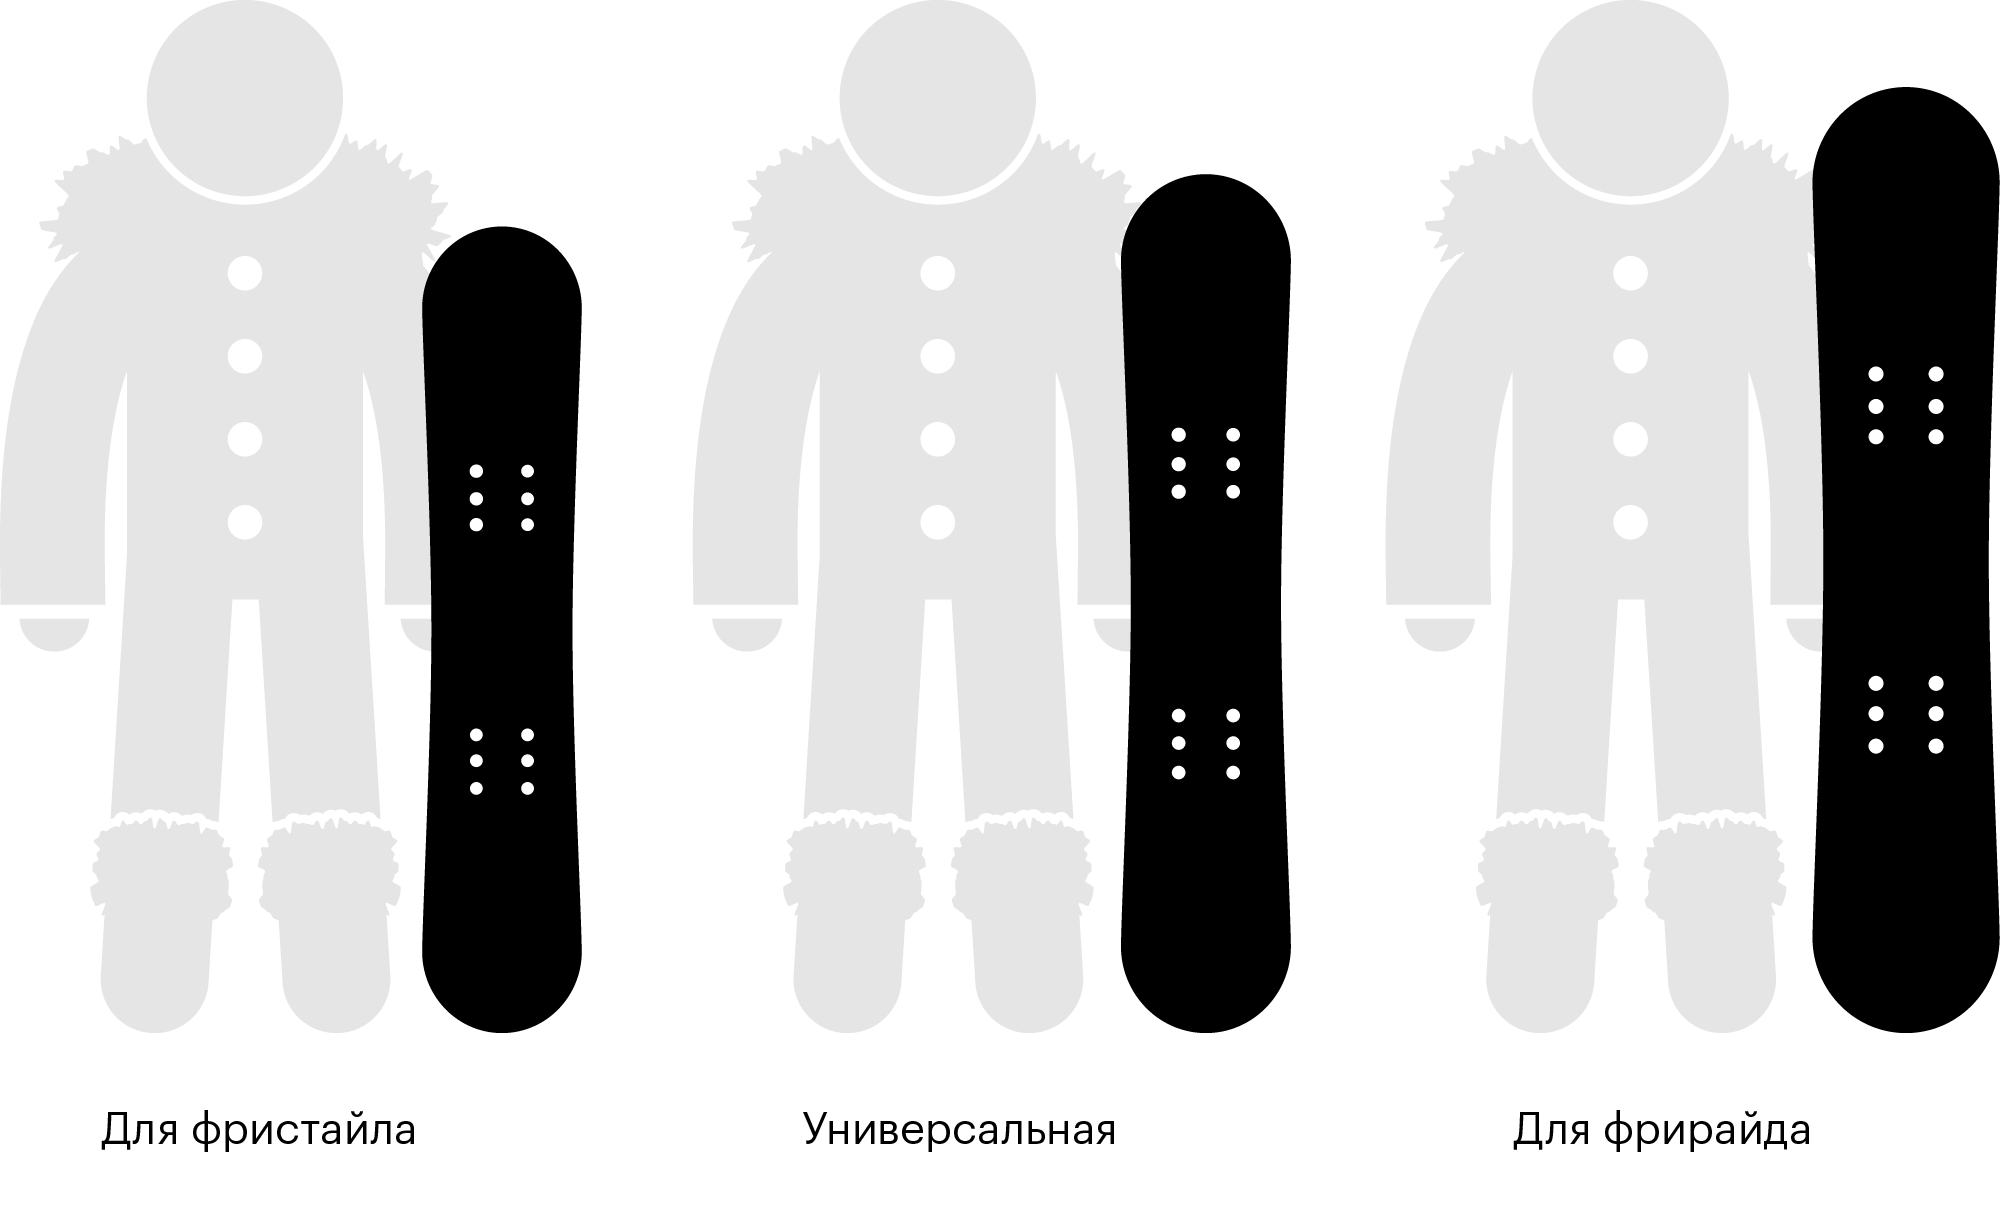 Размер сноуборда можно подобрать на глаз